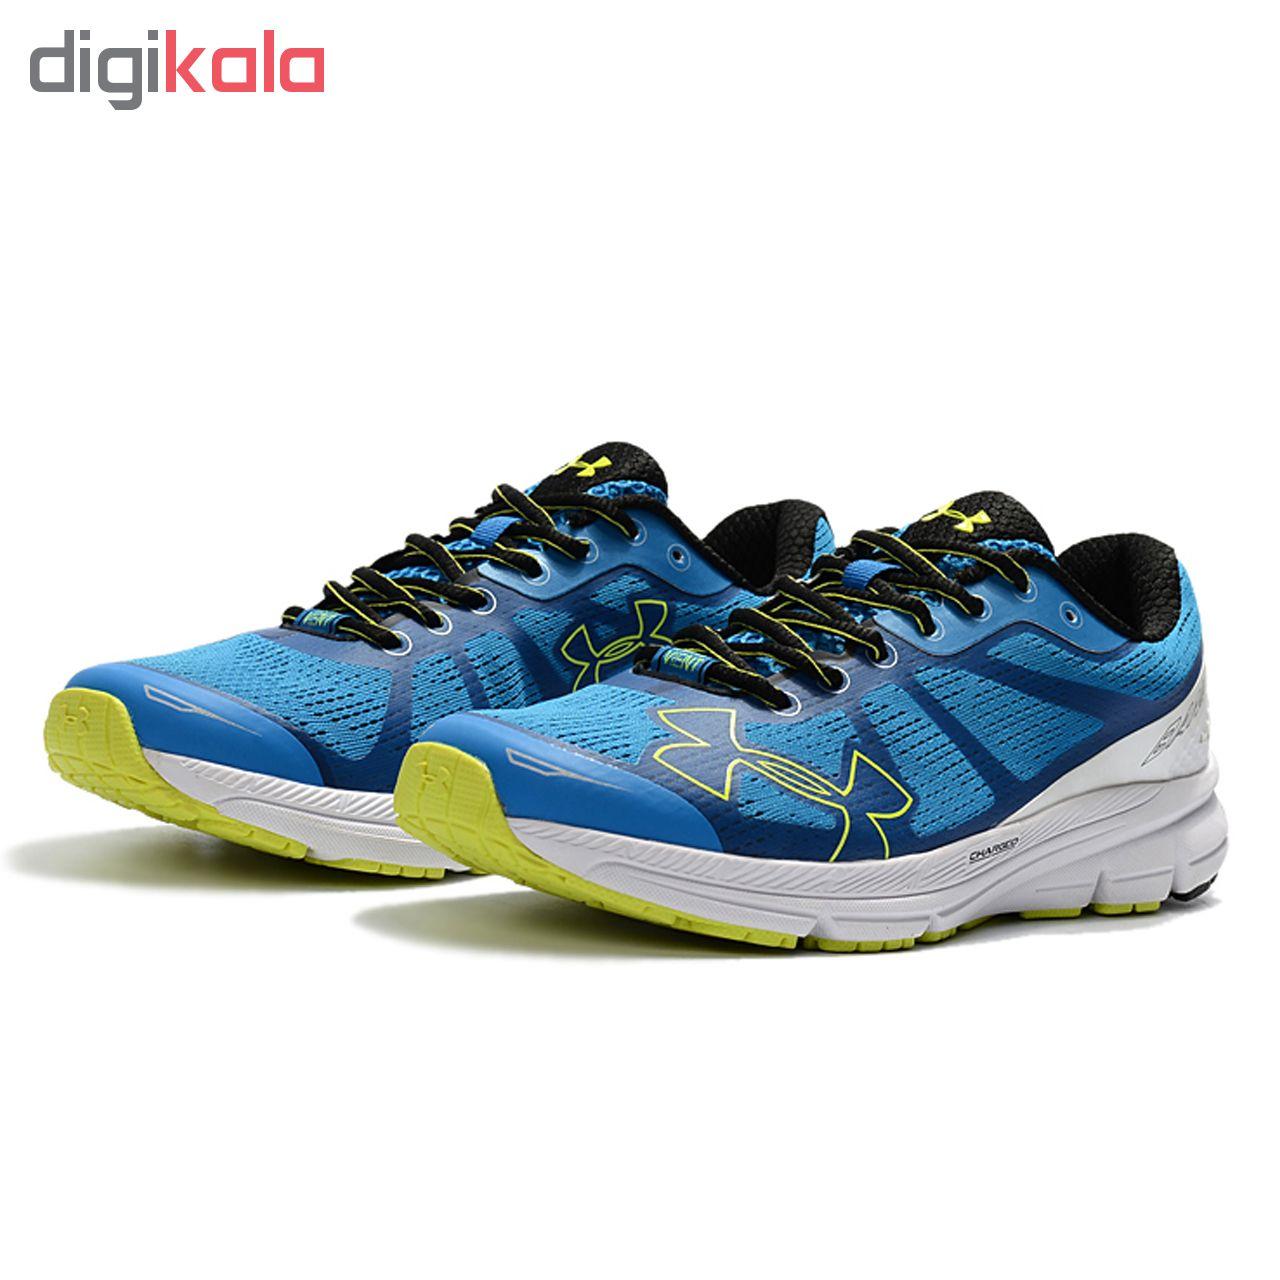 کفش ورزشی مخصوص دویدن و پیاده روی  مردانه آندر آرمور مدل charged bandit